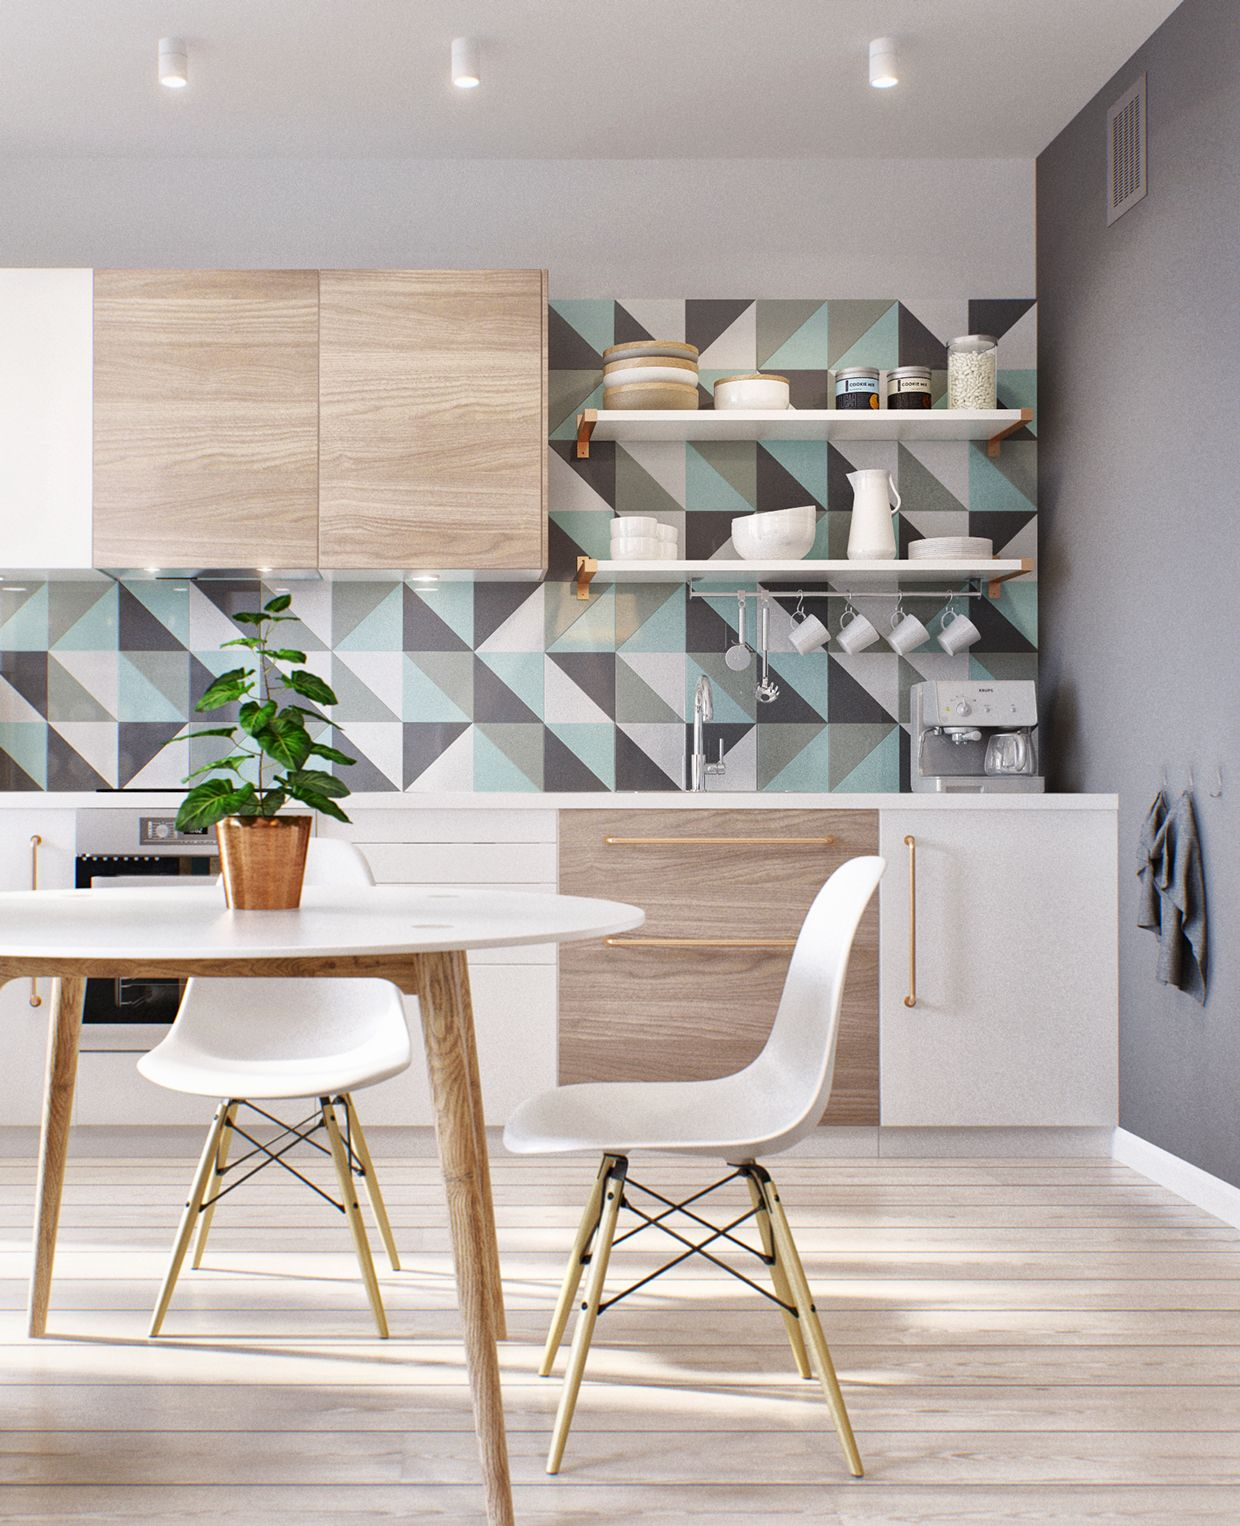 Kleine wohnung modern und funktionell einrichten moderne küche in weiß und holz mit grauer akzentwand und